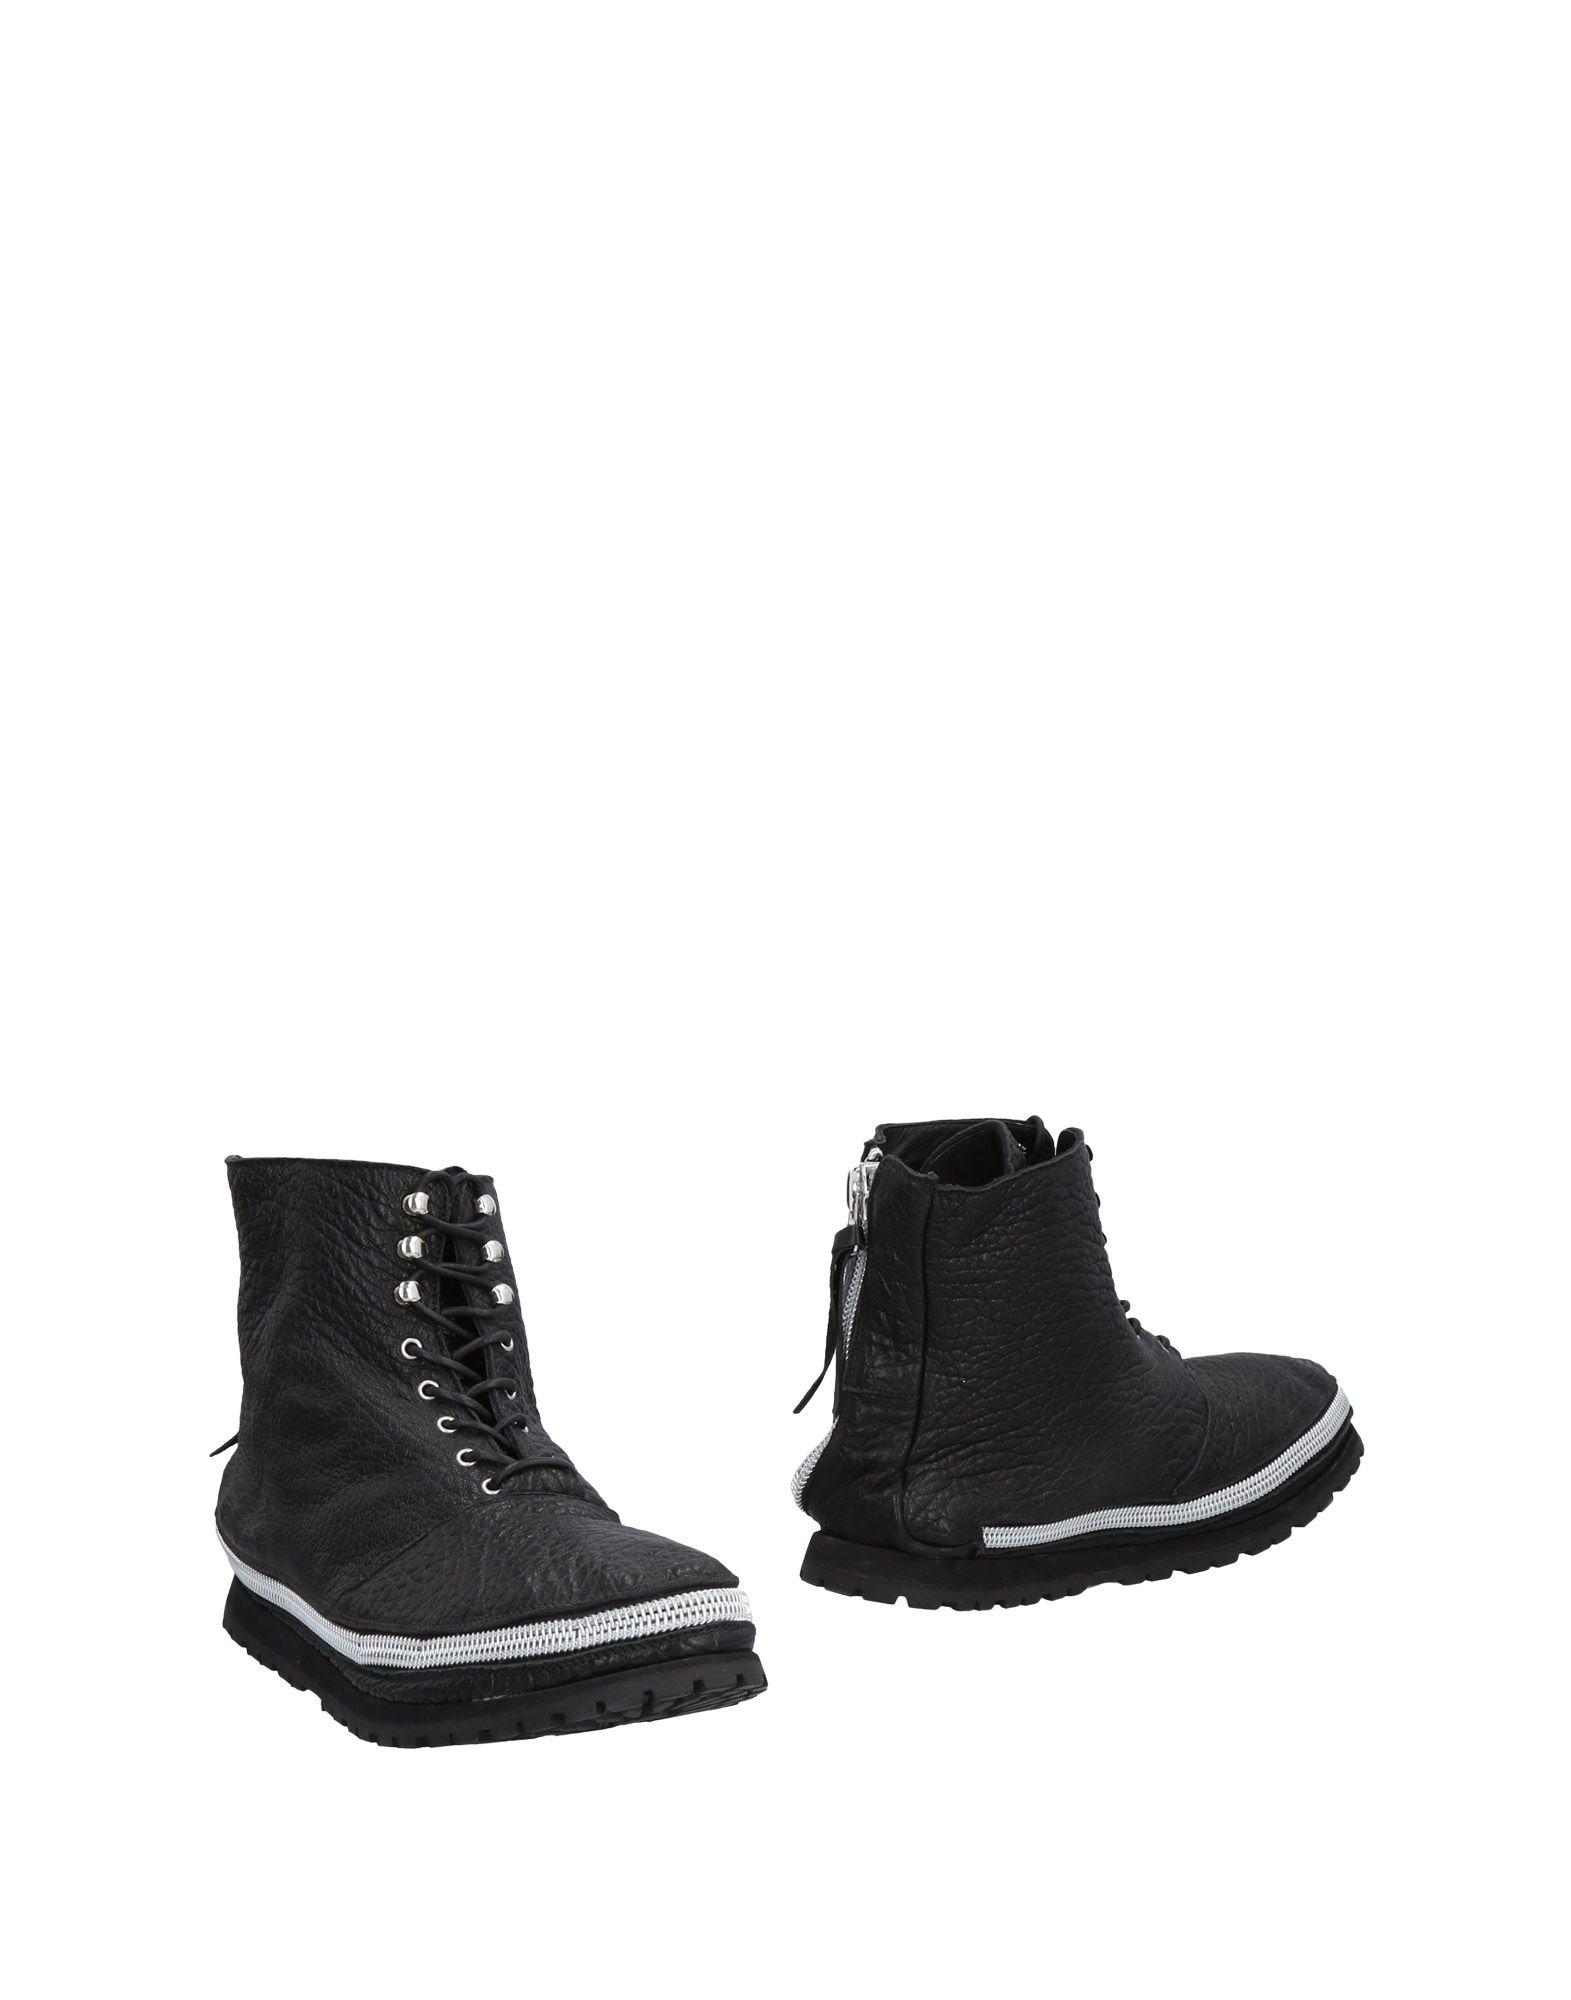 Giorgio Brato + Veeshoo Stiefelette Herren  11461948MT Gute Qualität beliebte Schuhe